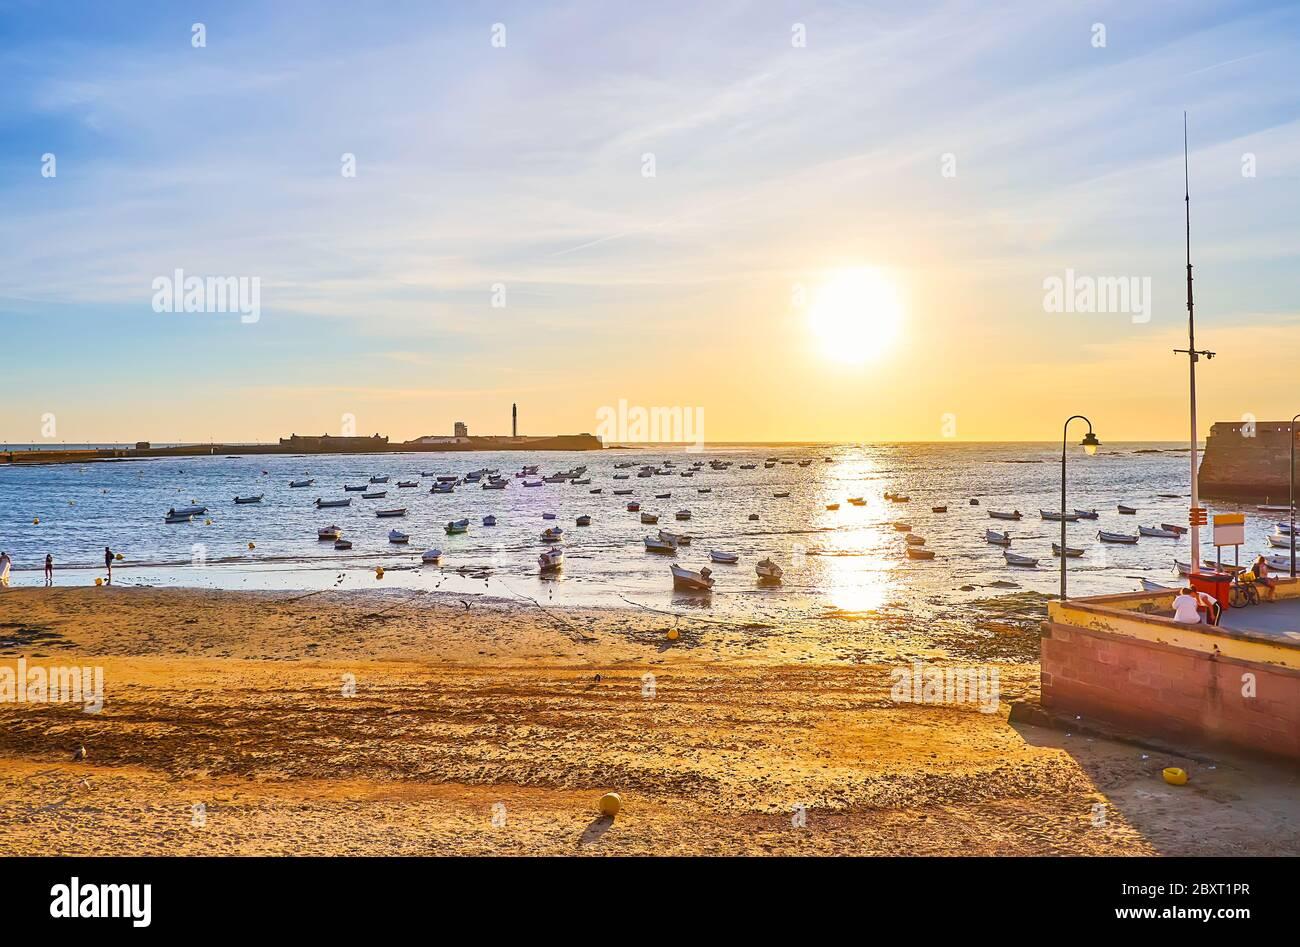 Le coucher du soleil avec de nombreux bateaux de pêche, amarrés à la plage de la Caleta avec une vue sur le château de San Sebastian à l'horizon, Cadix, Espagne Banque D'Images